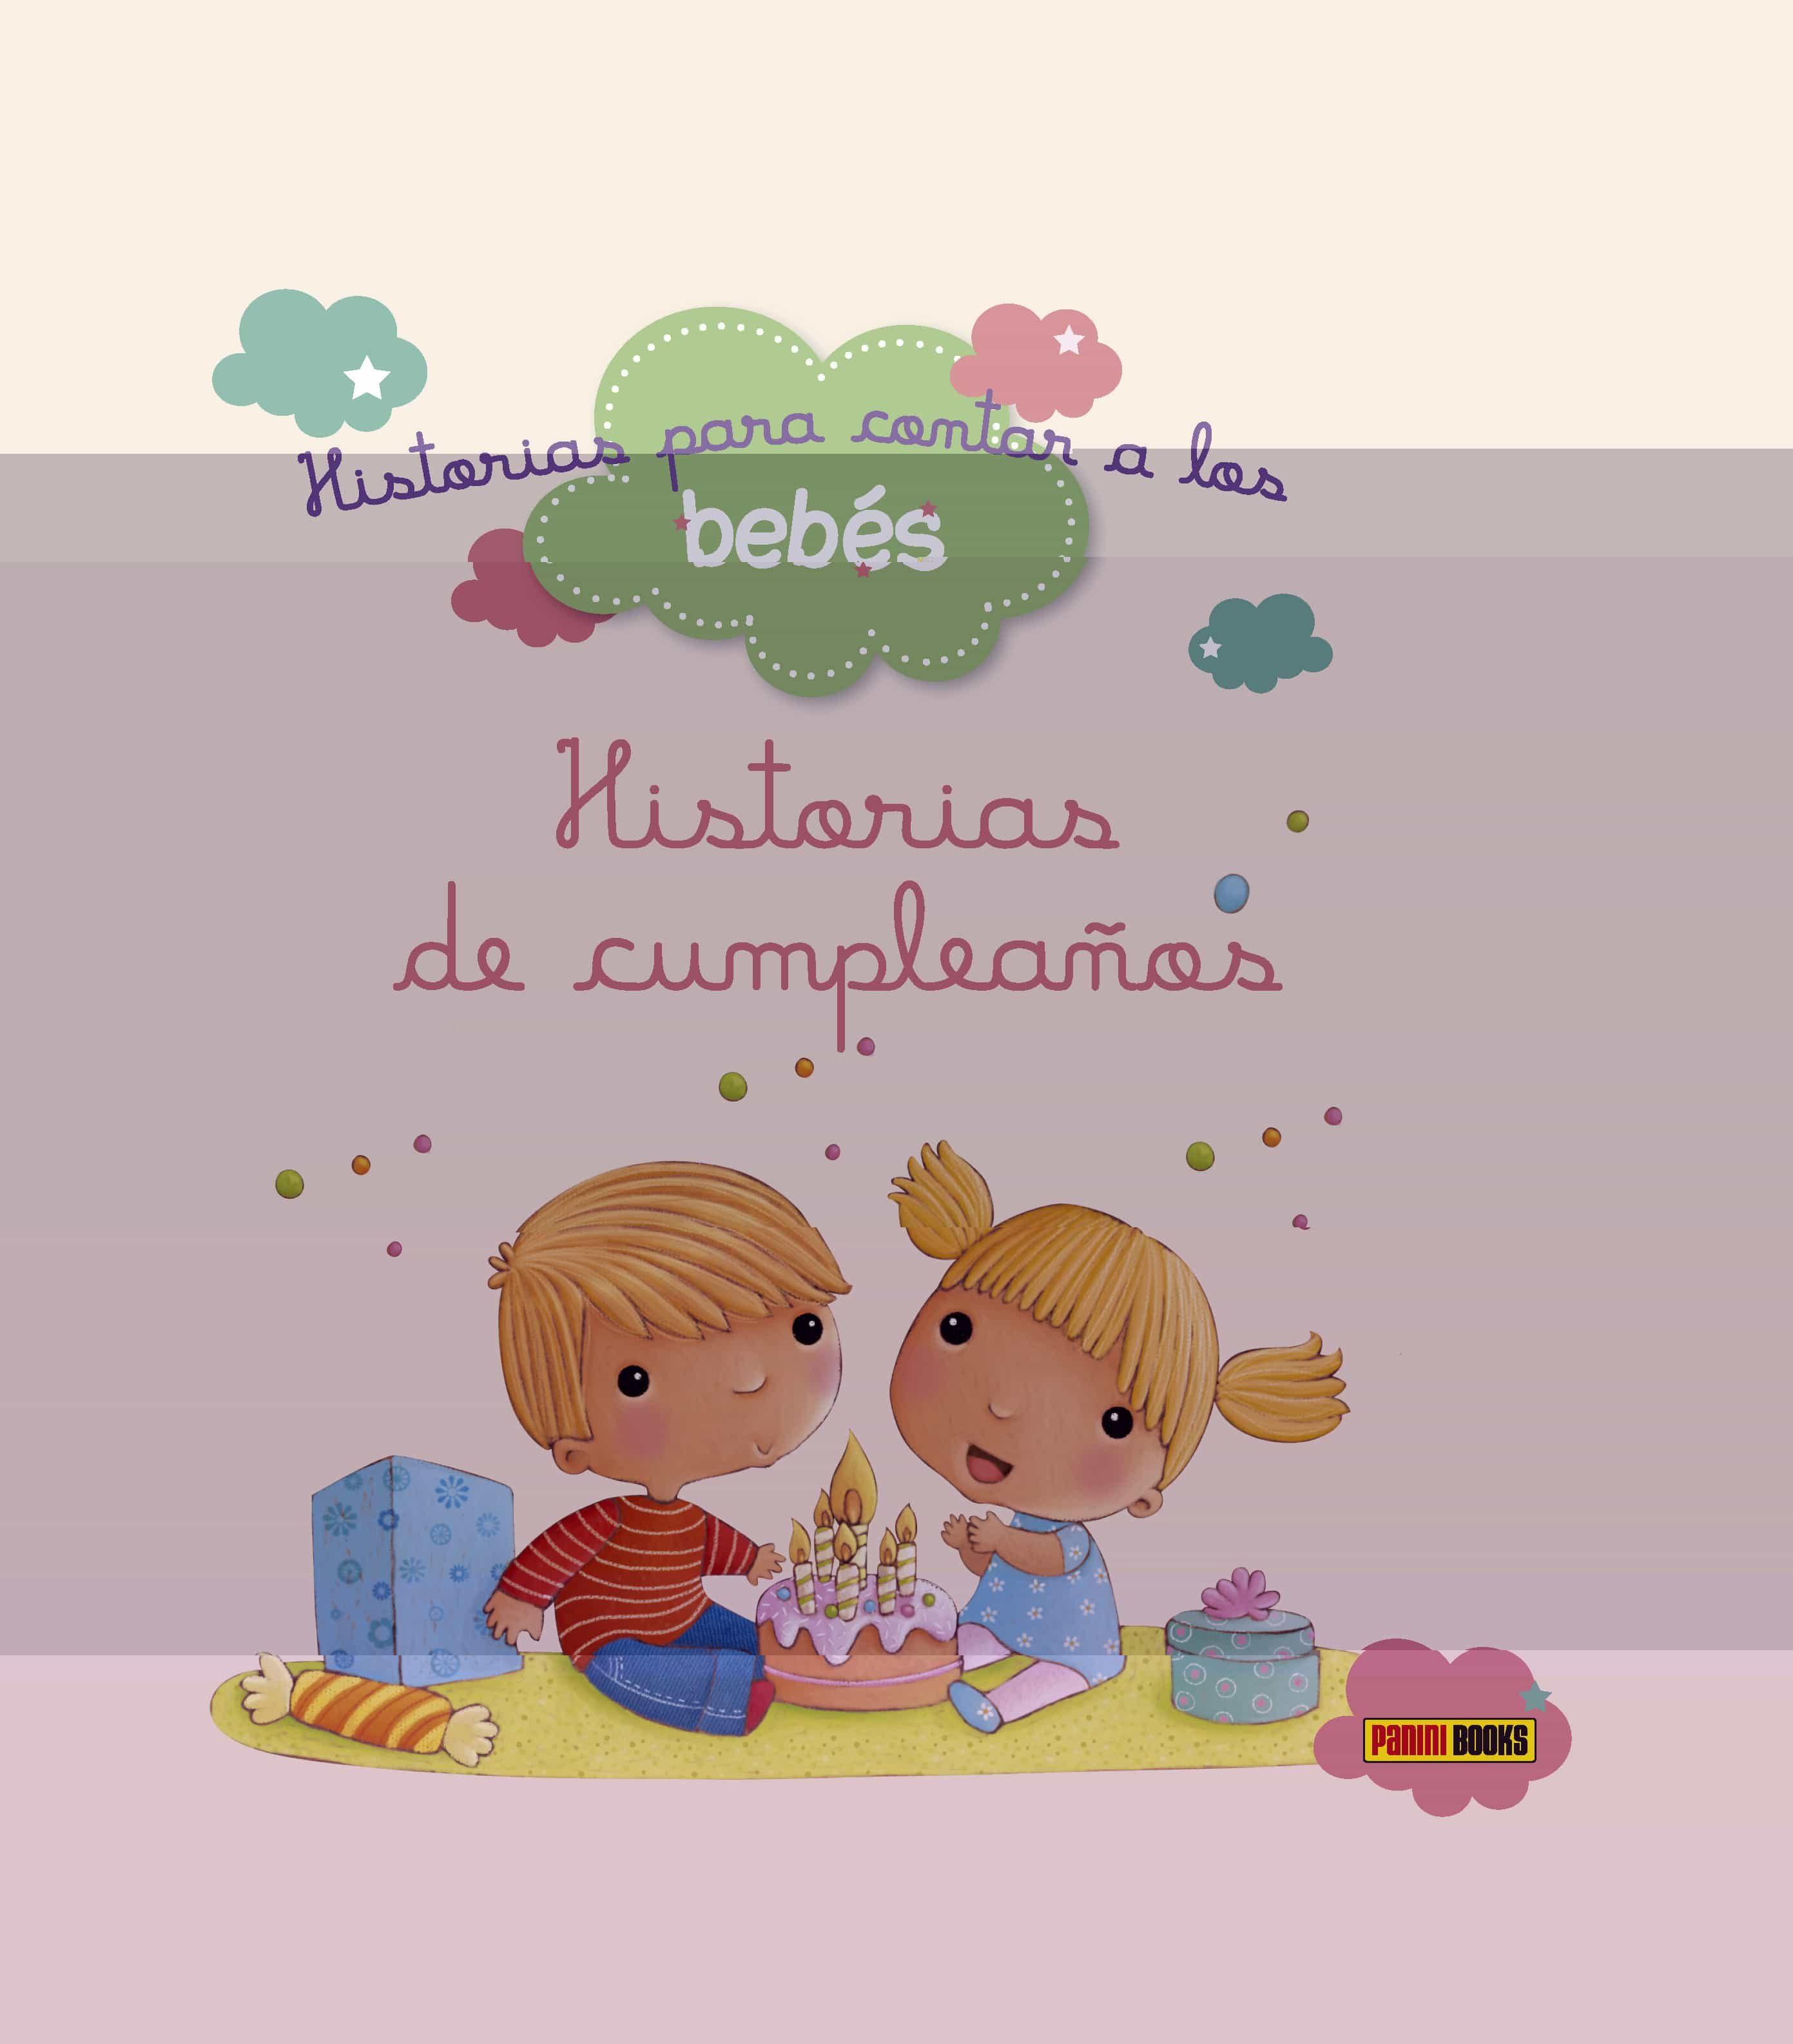 Historias Para Contar A Los Bebés : De Cumpleaños - Biondi Ghislaine